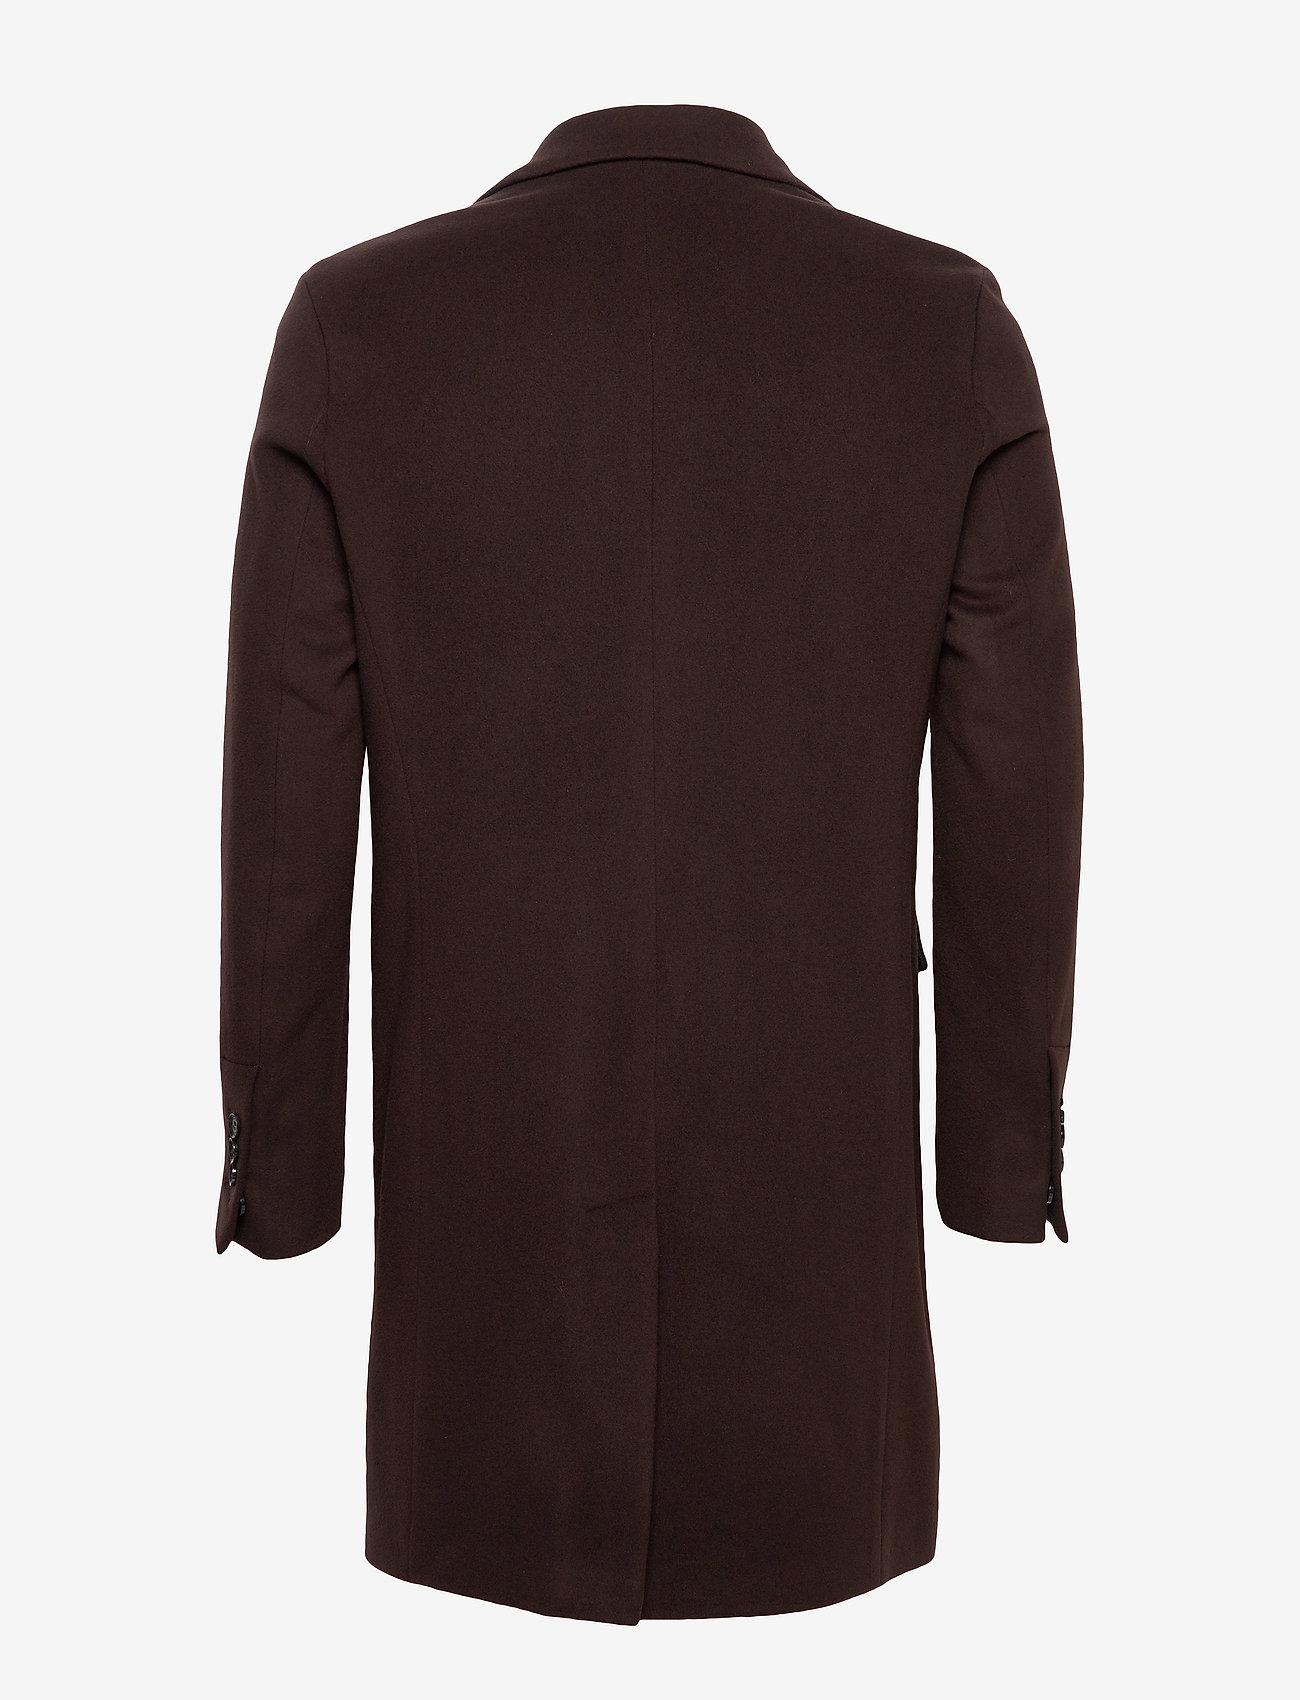 Gant D1. The Classic Wool Coat - Jackets & Coats